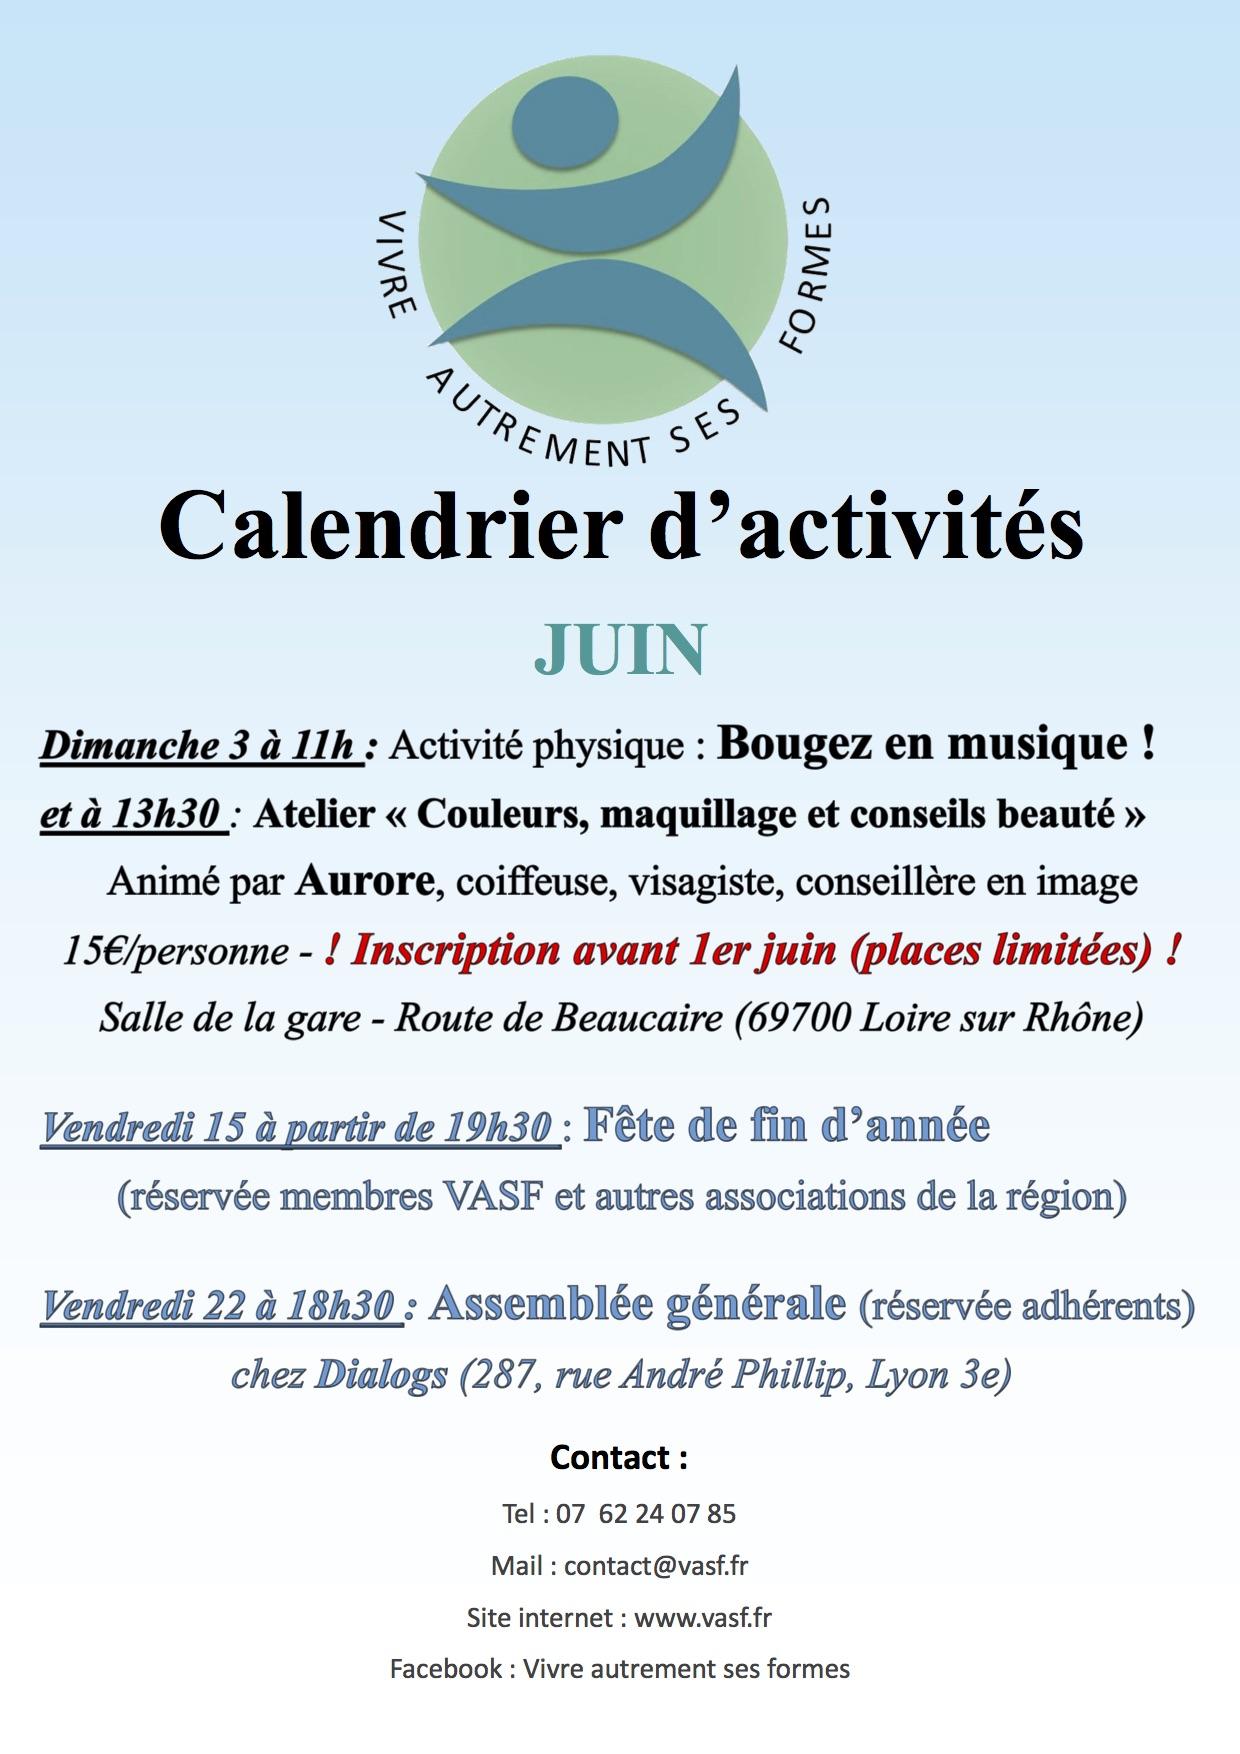 Flyer_VASF_Calendrier-juin-2018